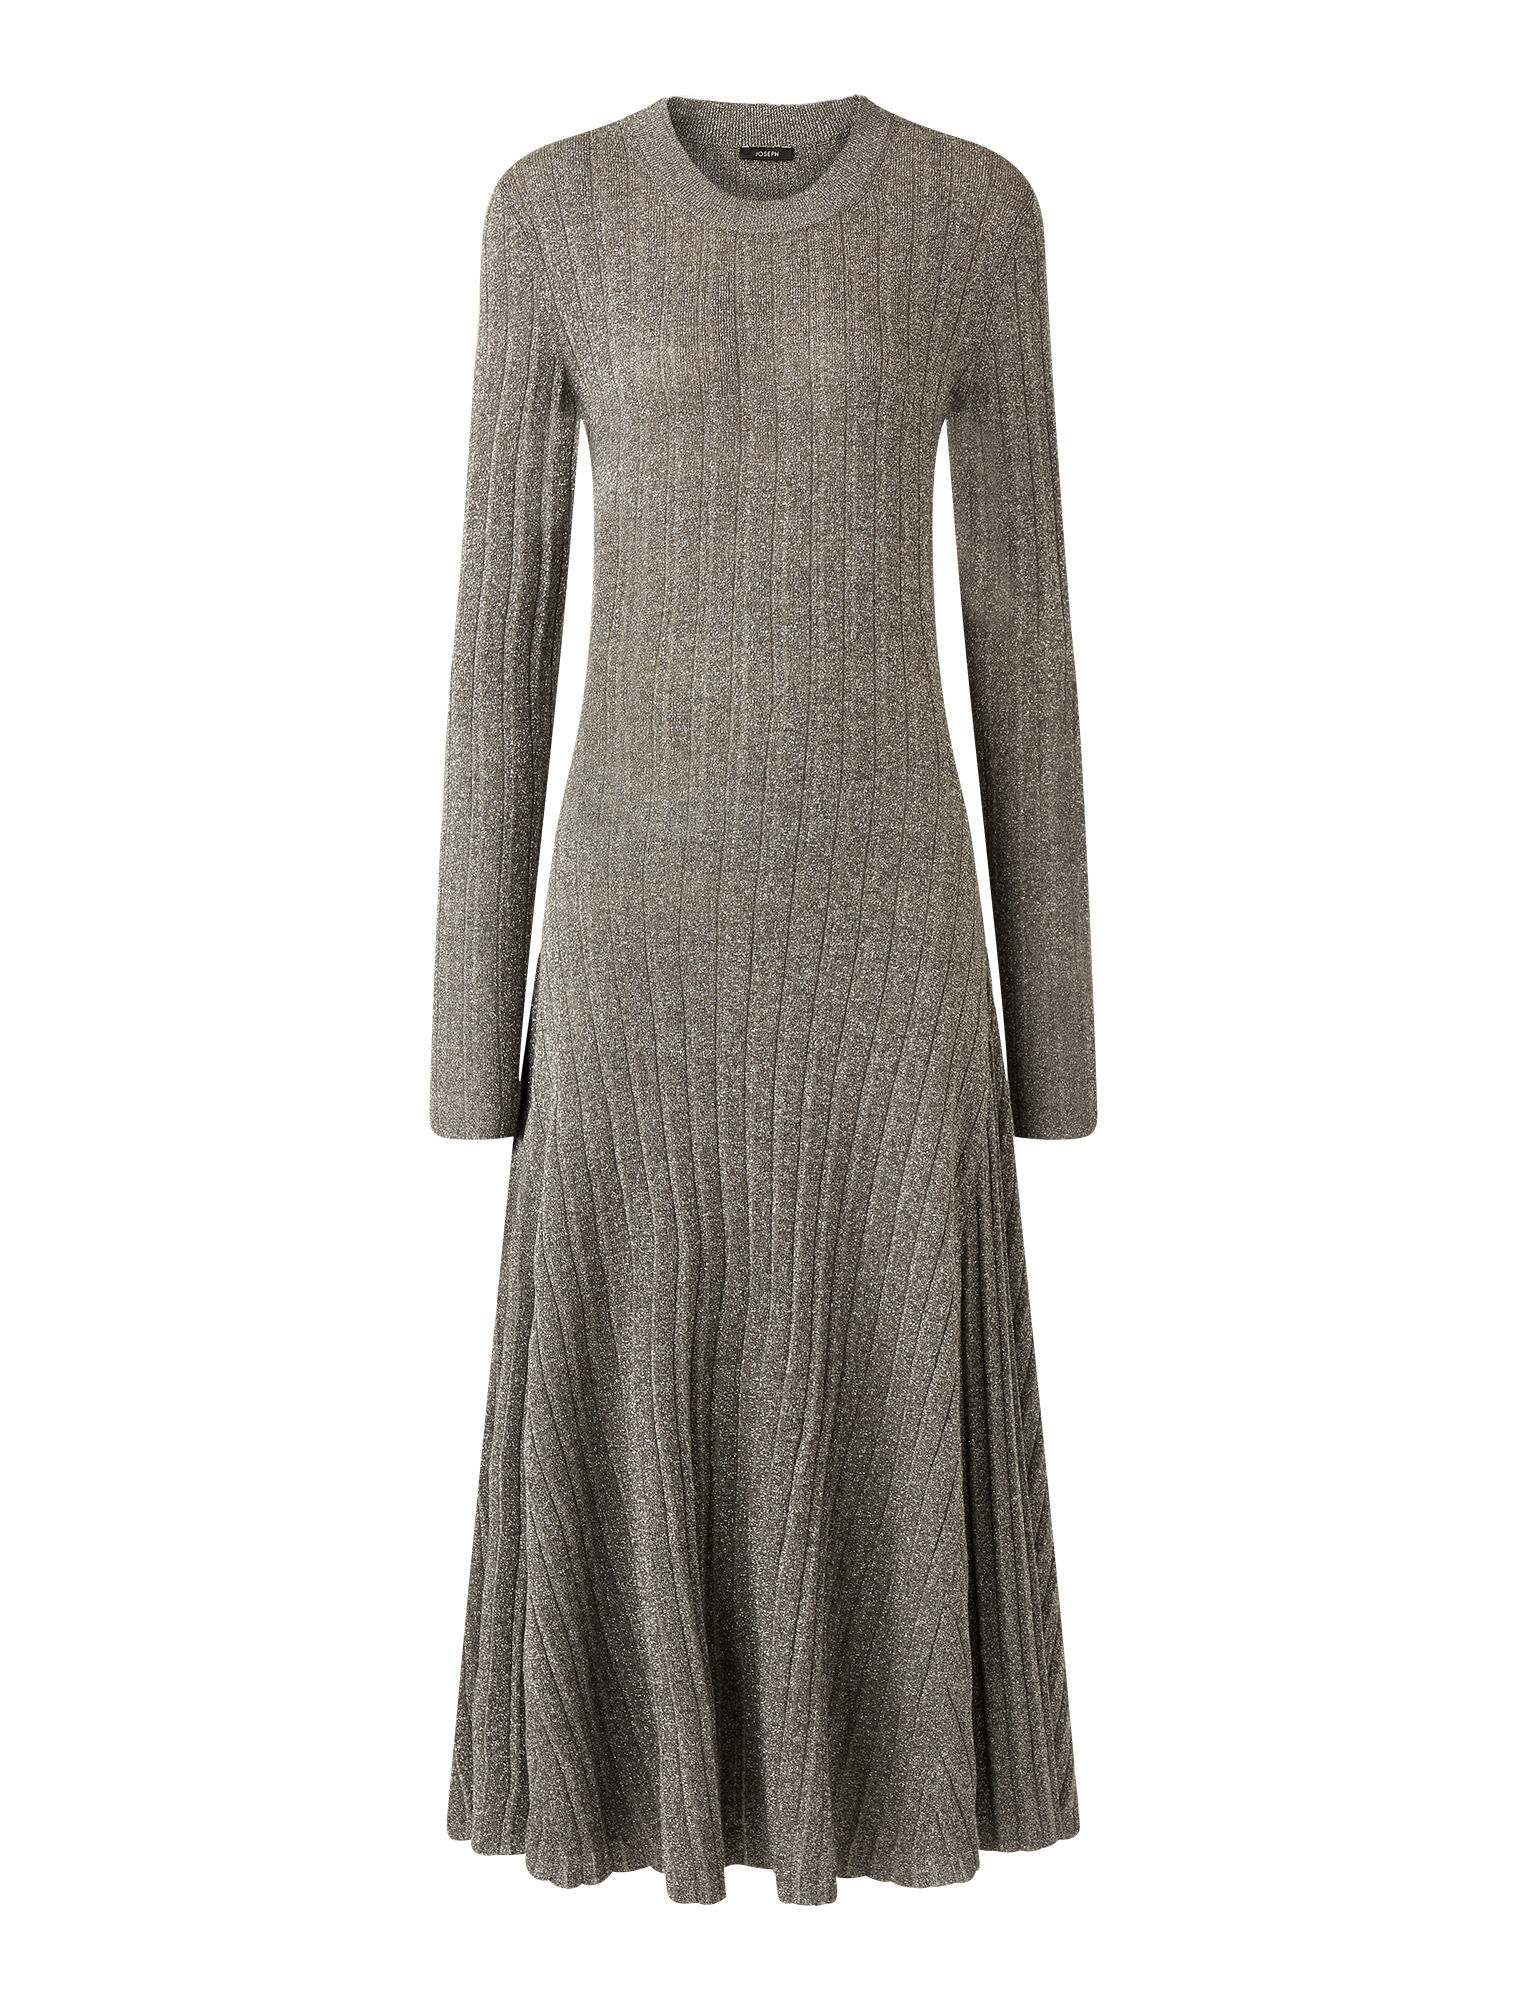 Joseph, Lurex Diva Dress, in ANTHRACITE